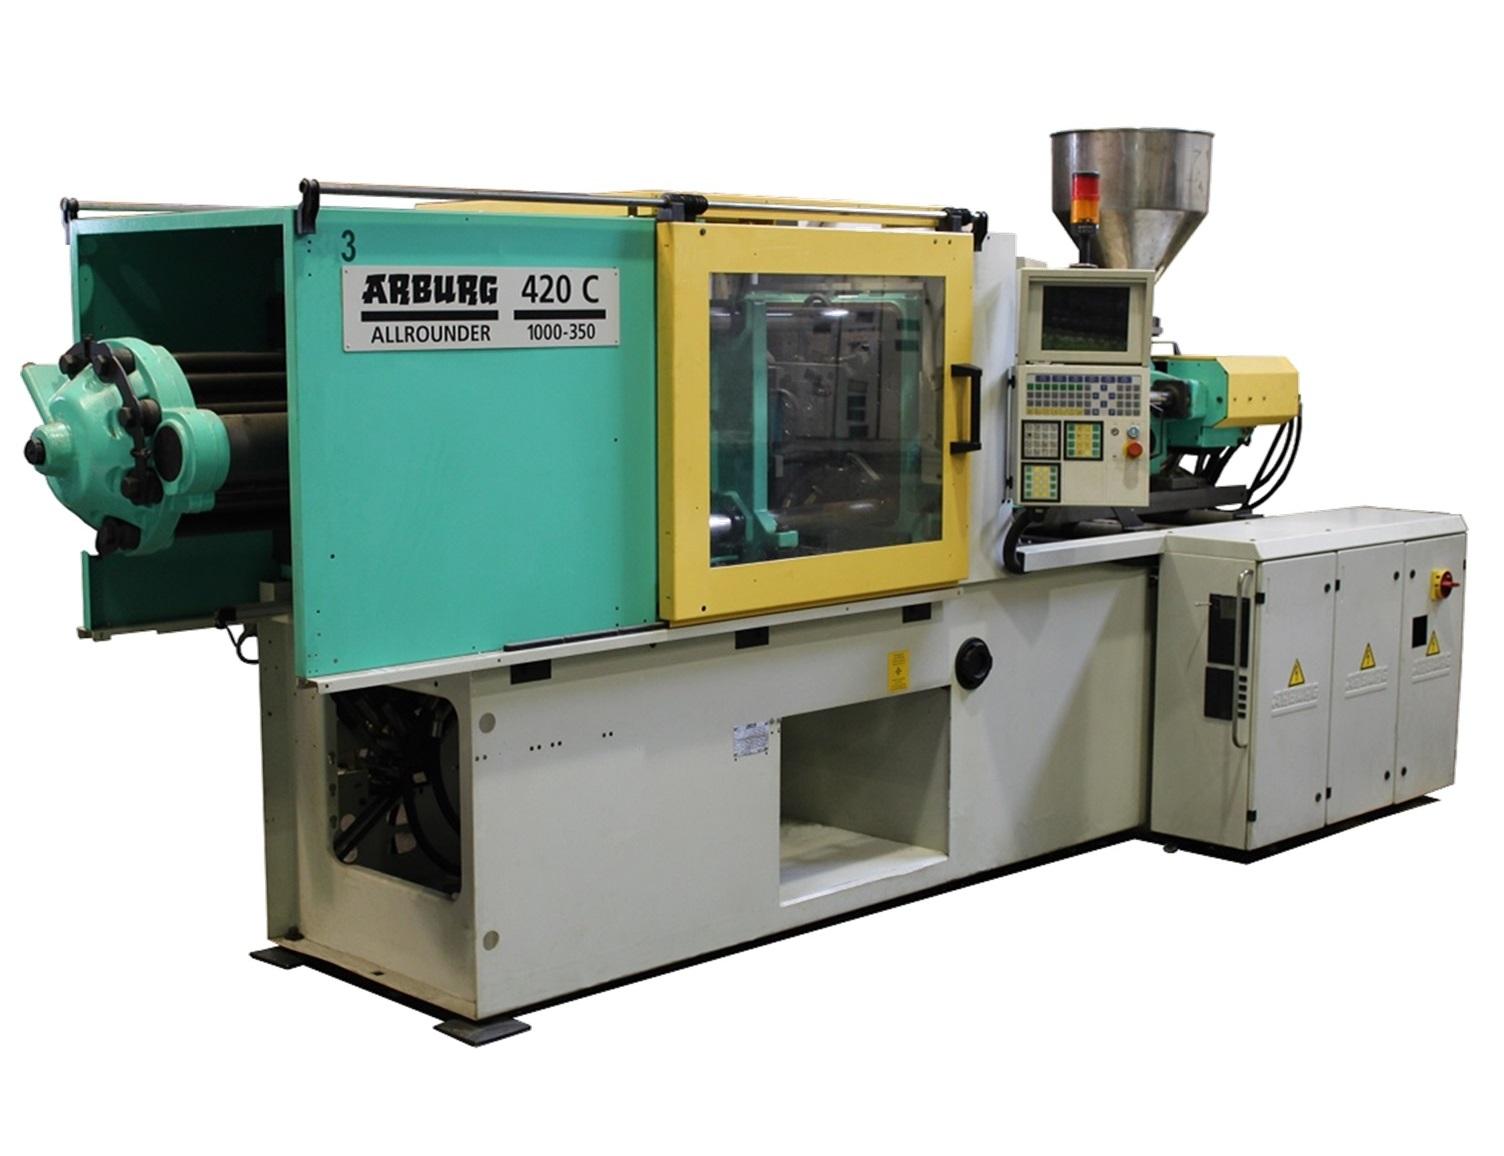 Arburg Allrounder 420 C 1000 350 Injection Moulding